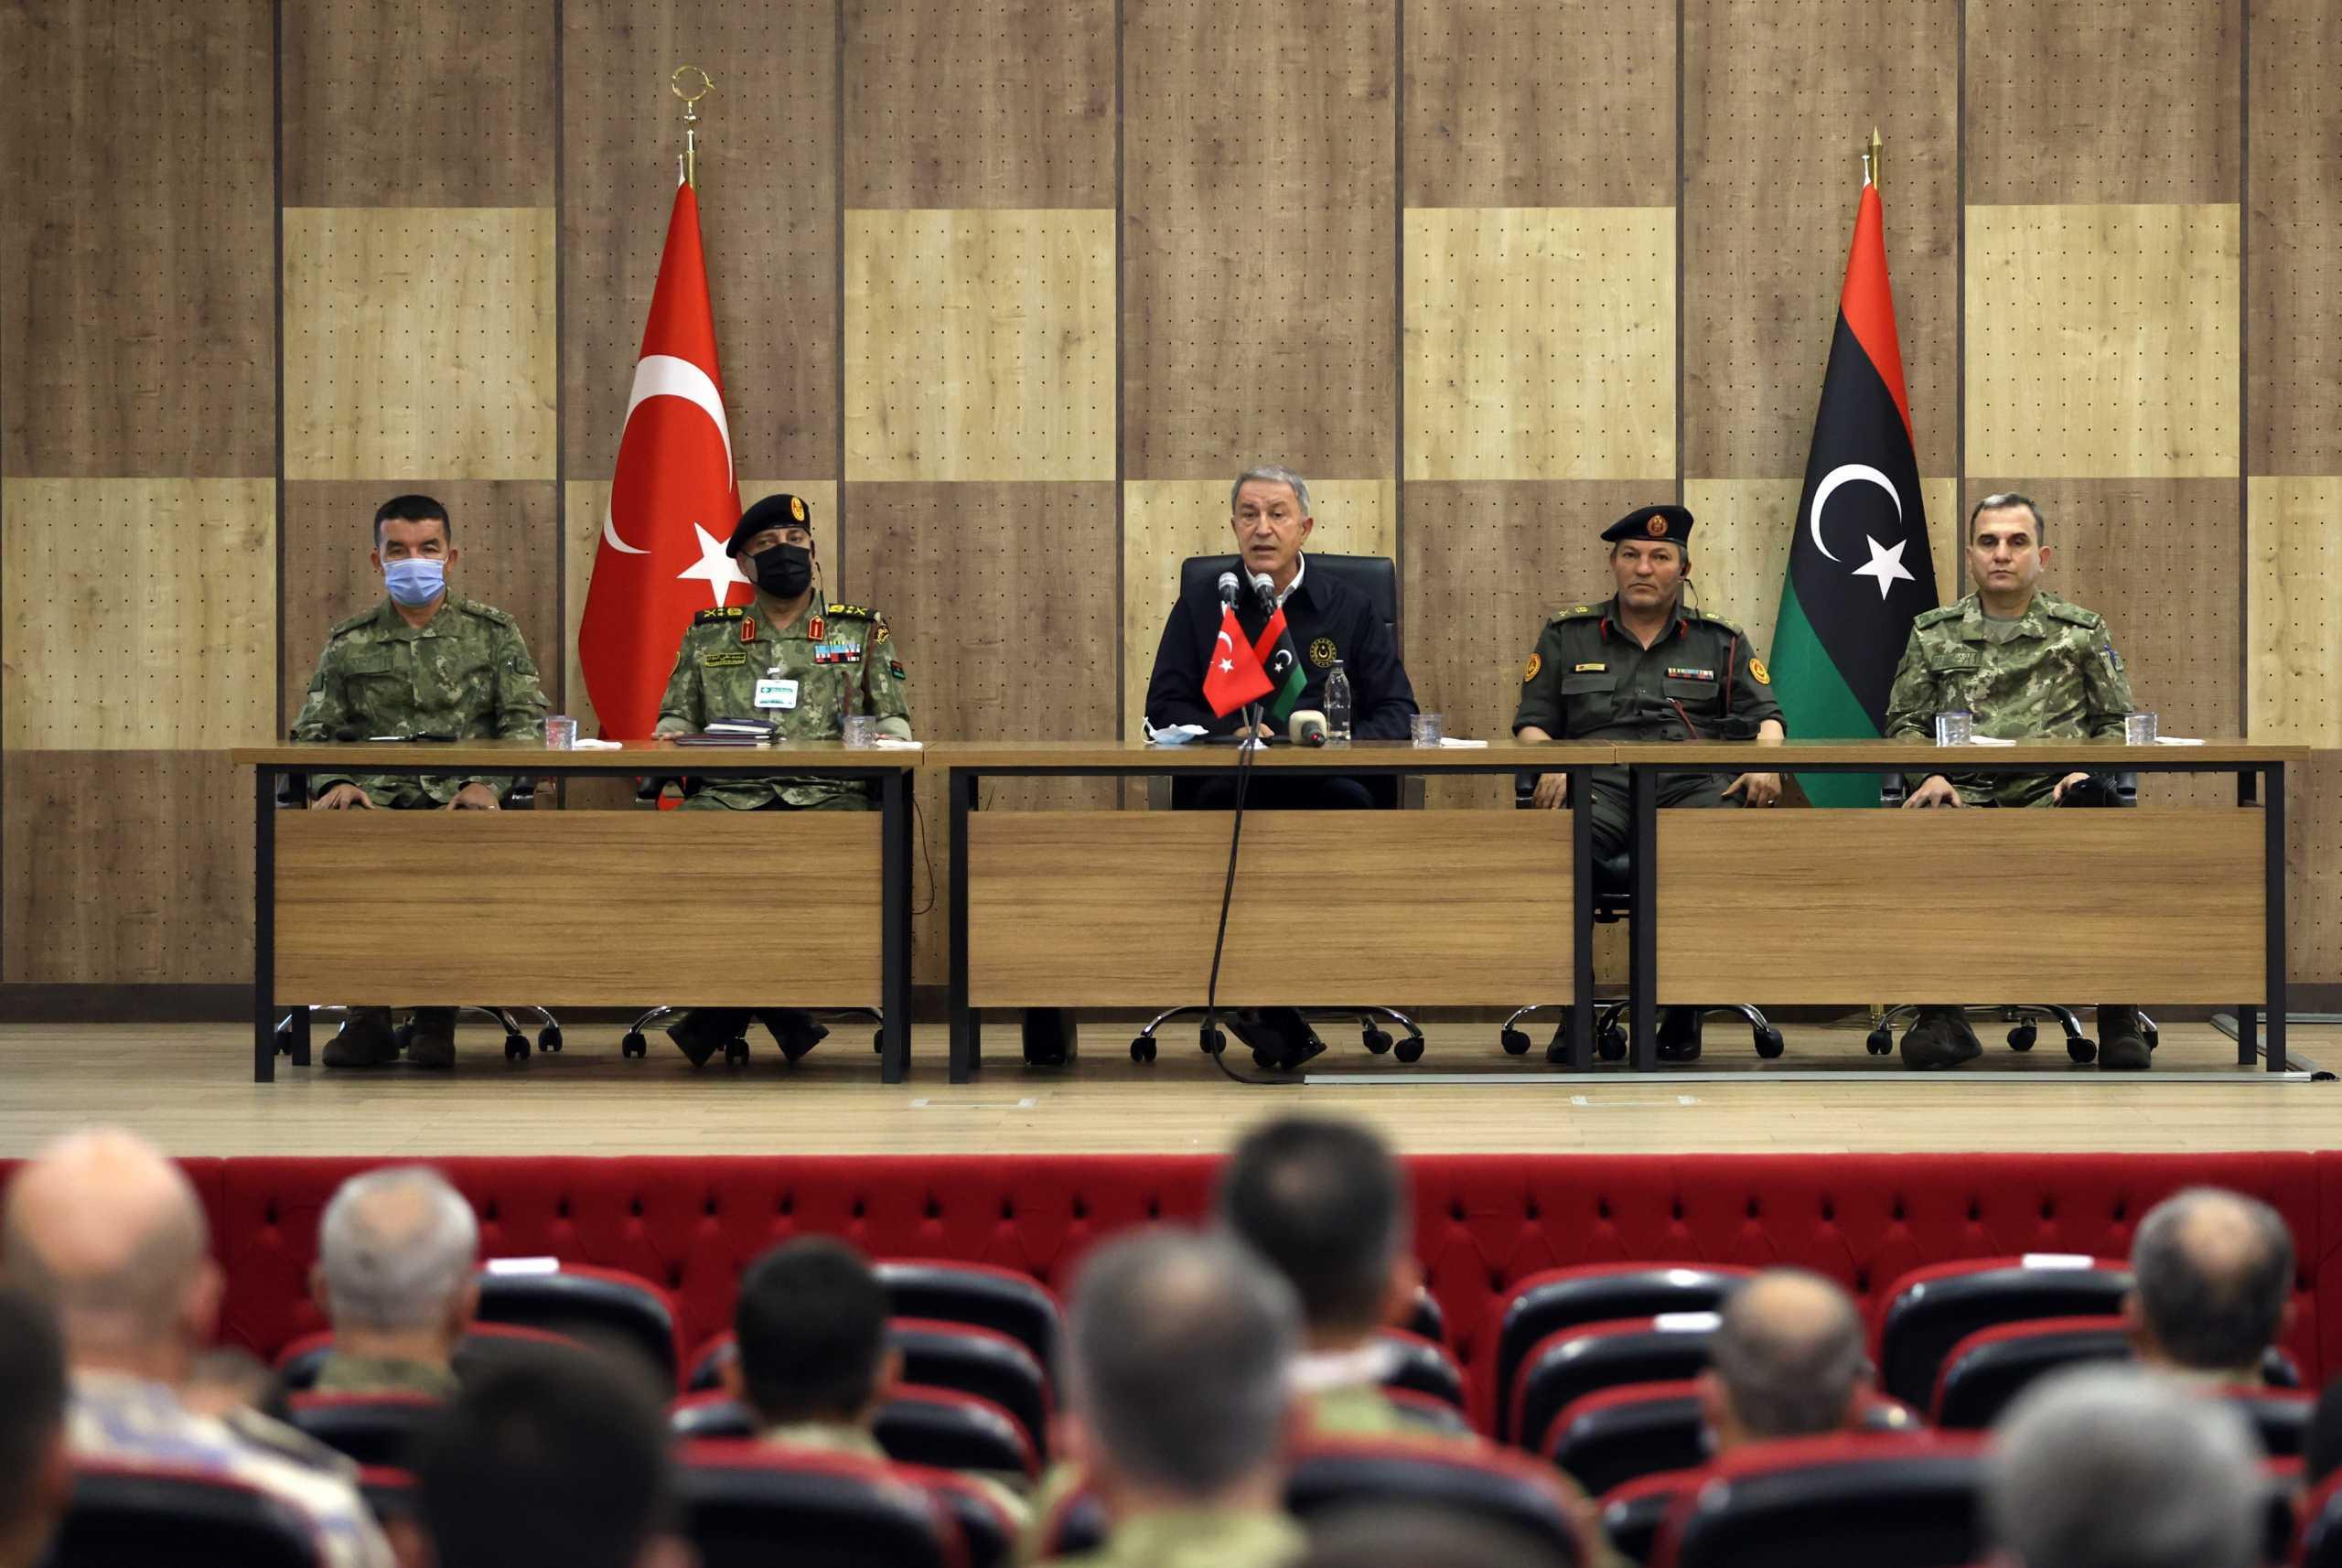 «Οργή» στη Λιβύη: Προσβλητική και ταπεινωτική η επίσκεψη του Ακάρ